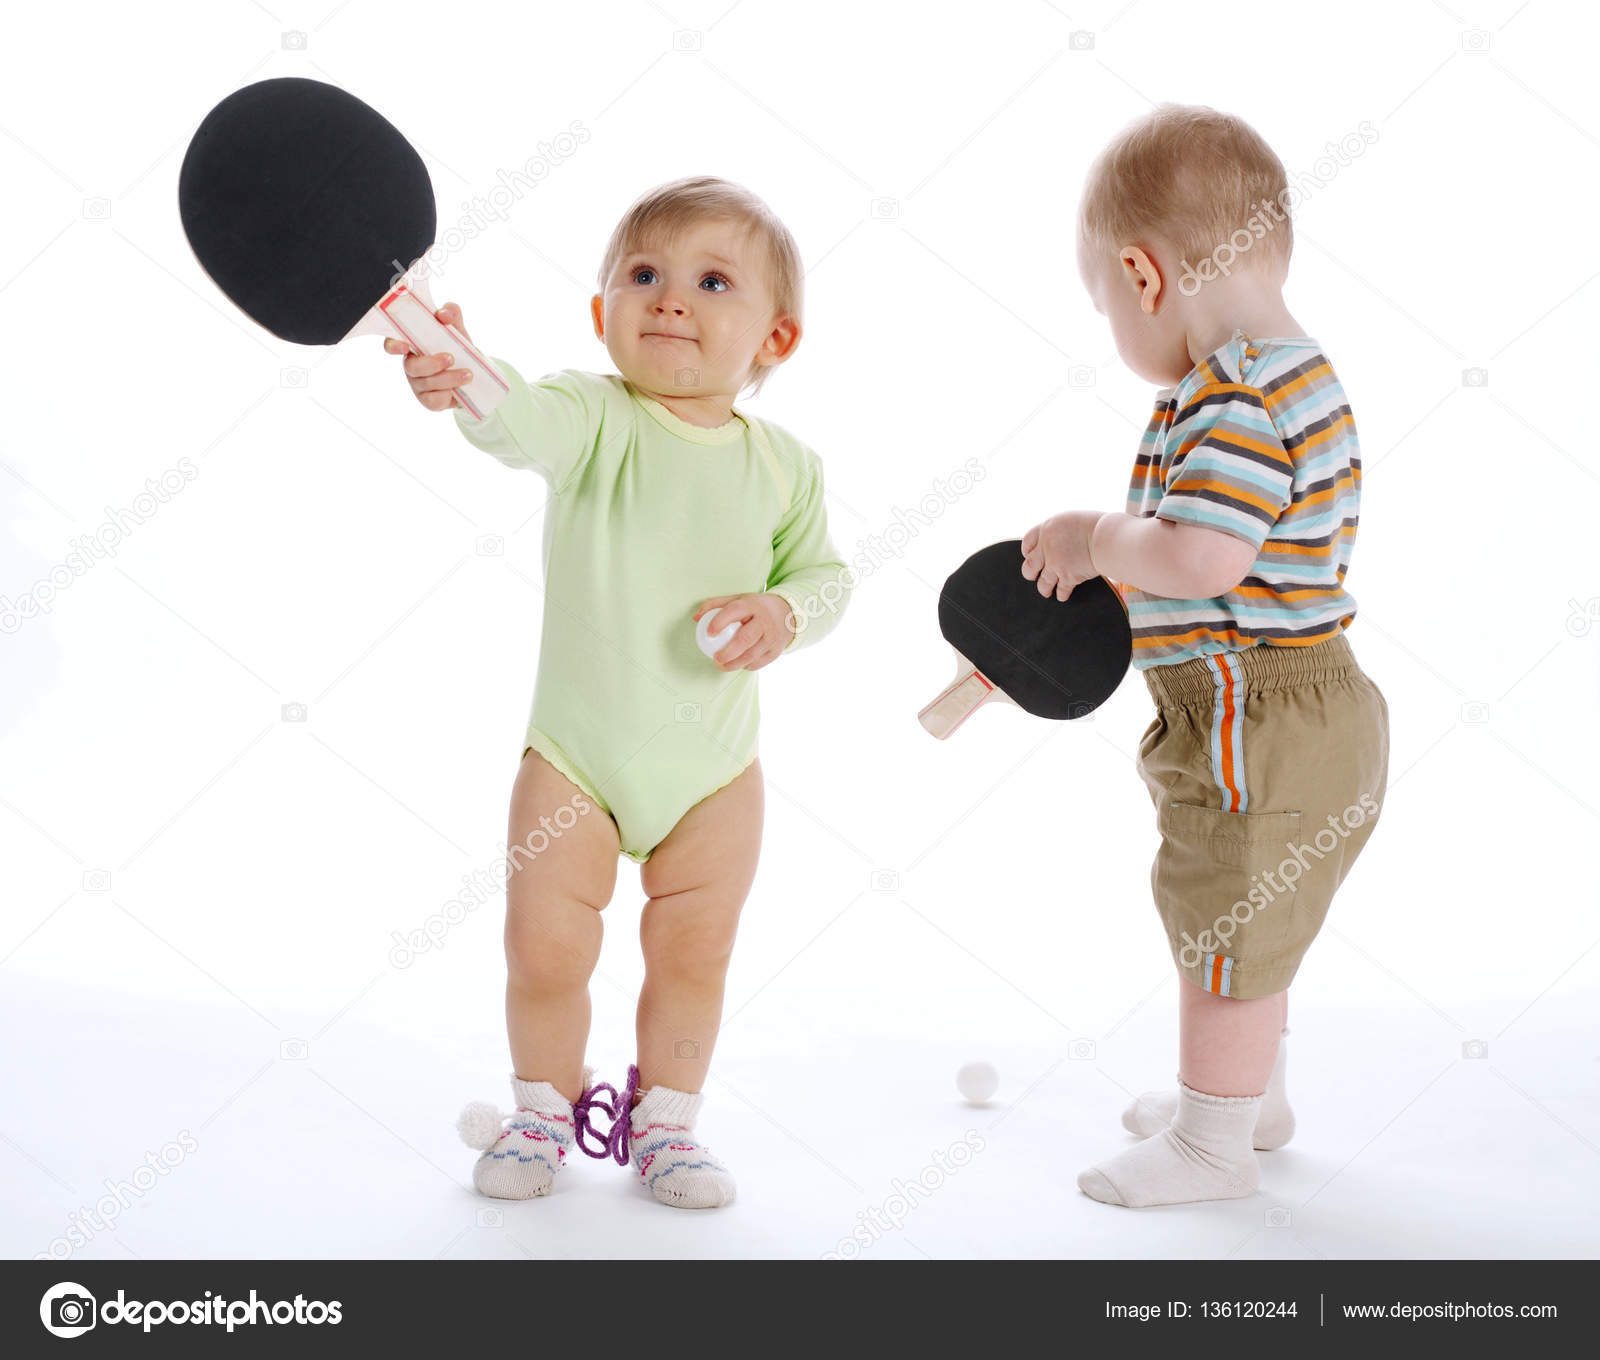 теннис настольный картинки для детей